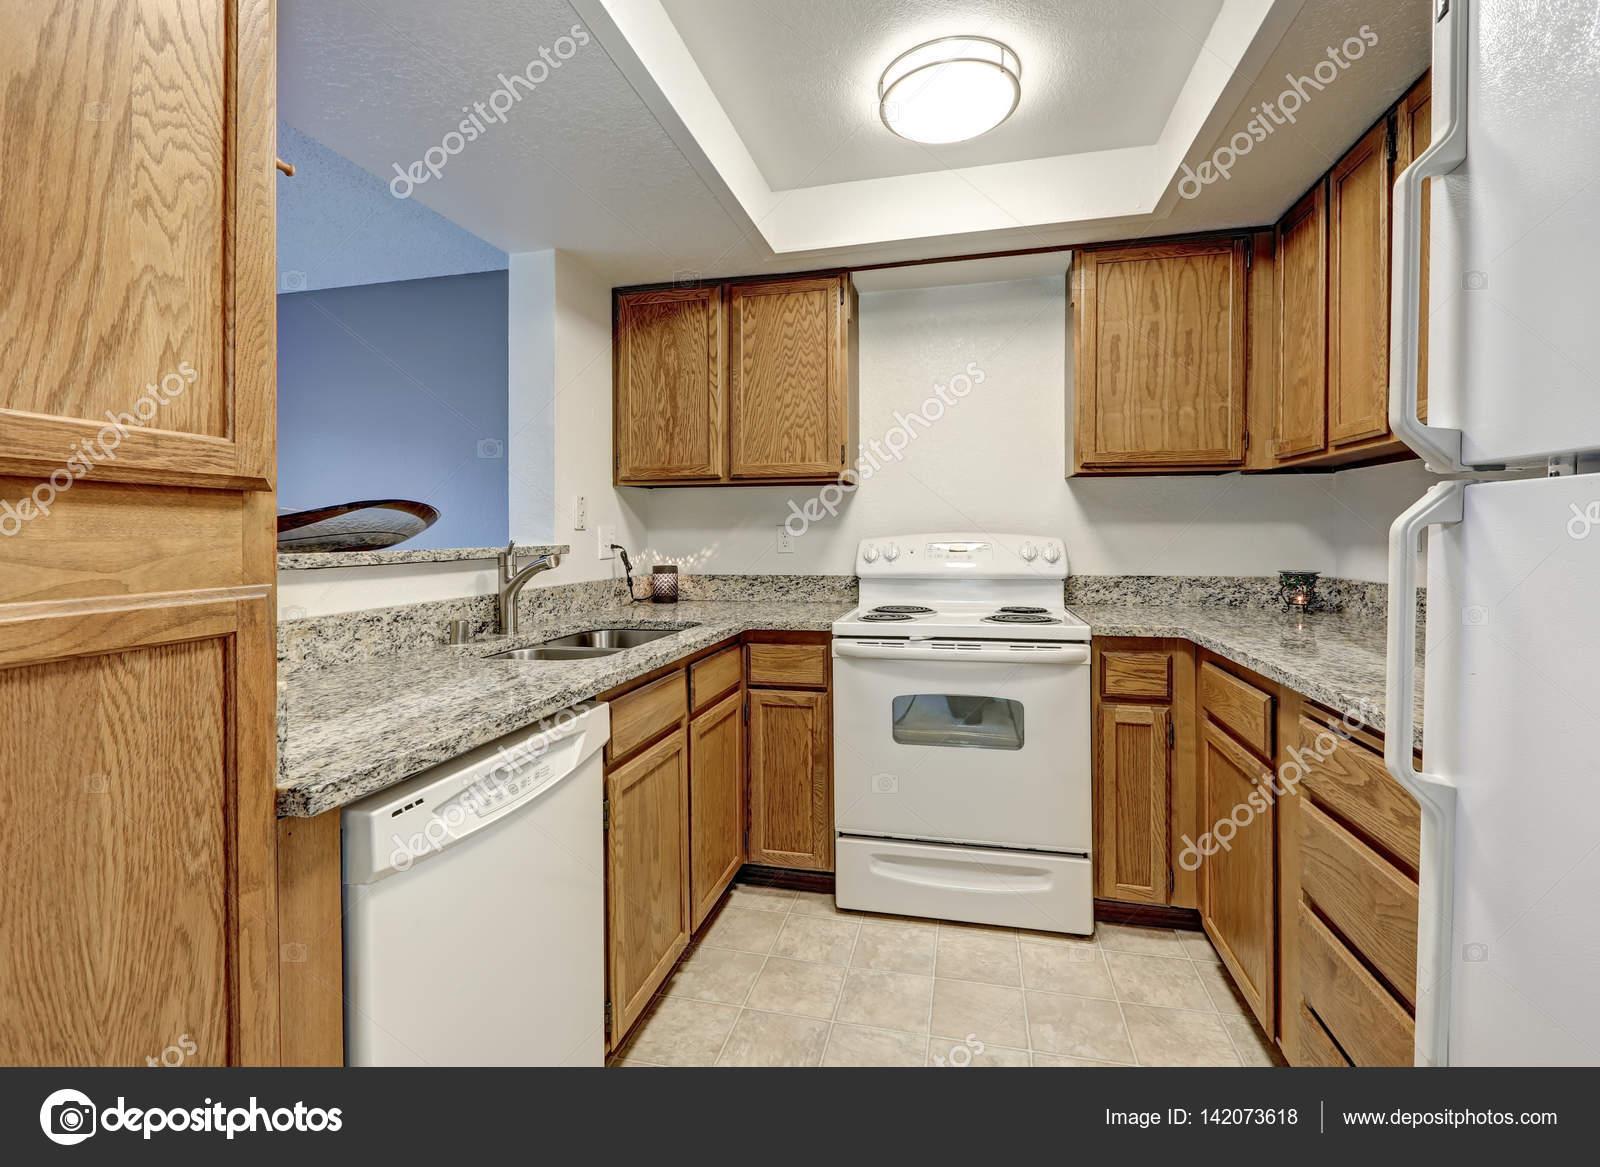 U Vormige Keuken : Klein u vormige keuken gevuld met houten kasten u stockfoto